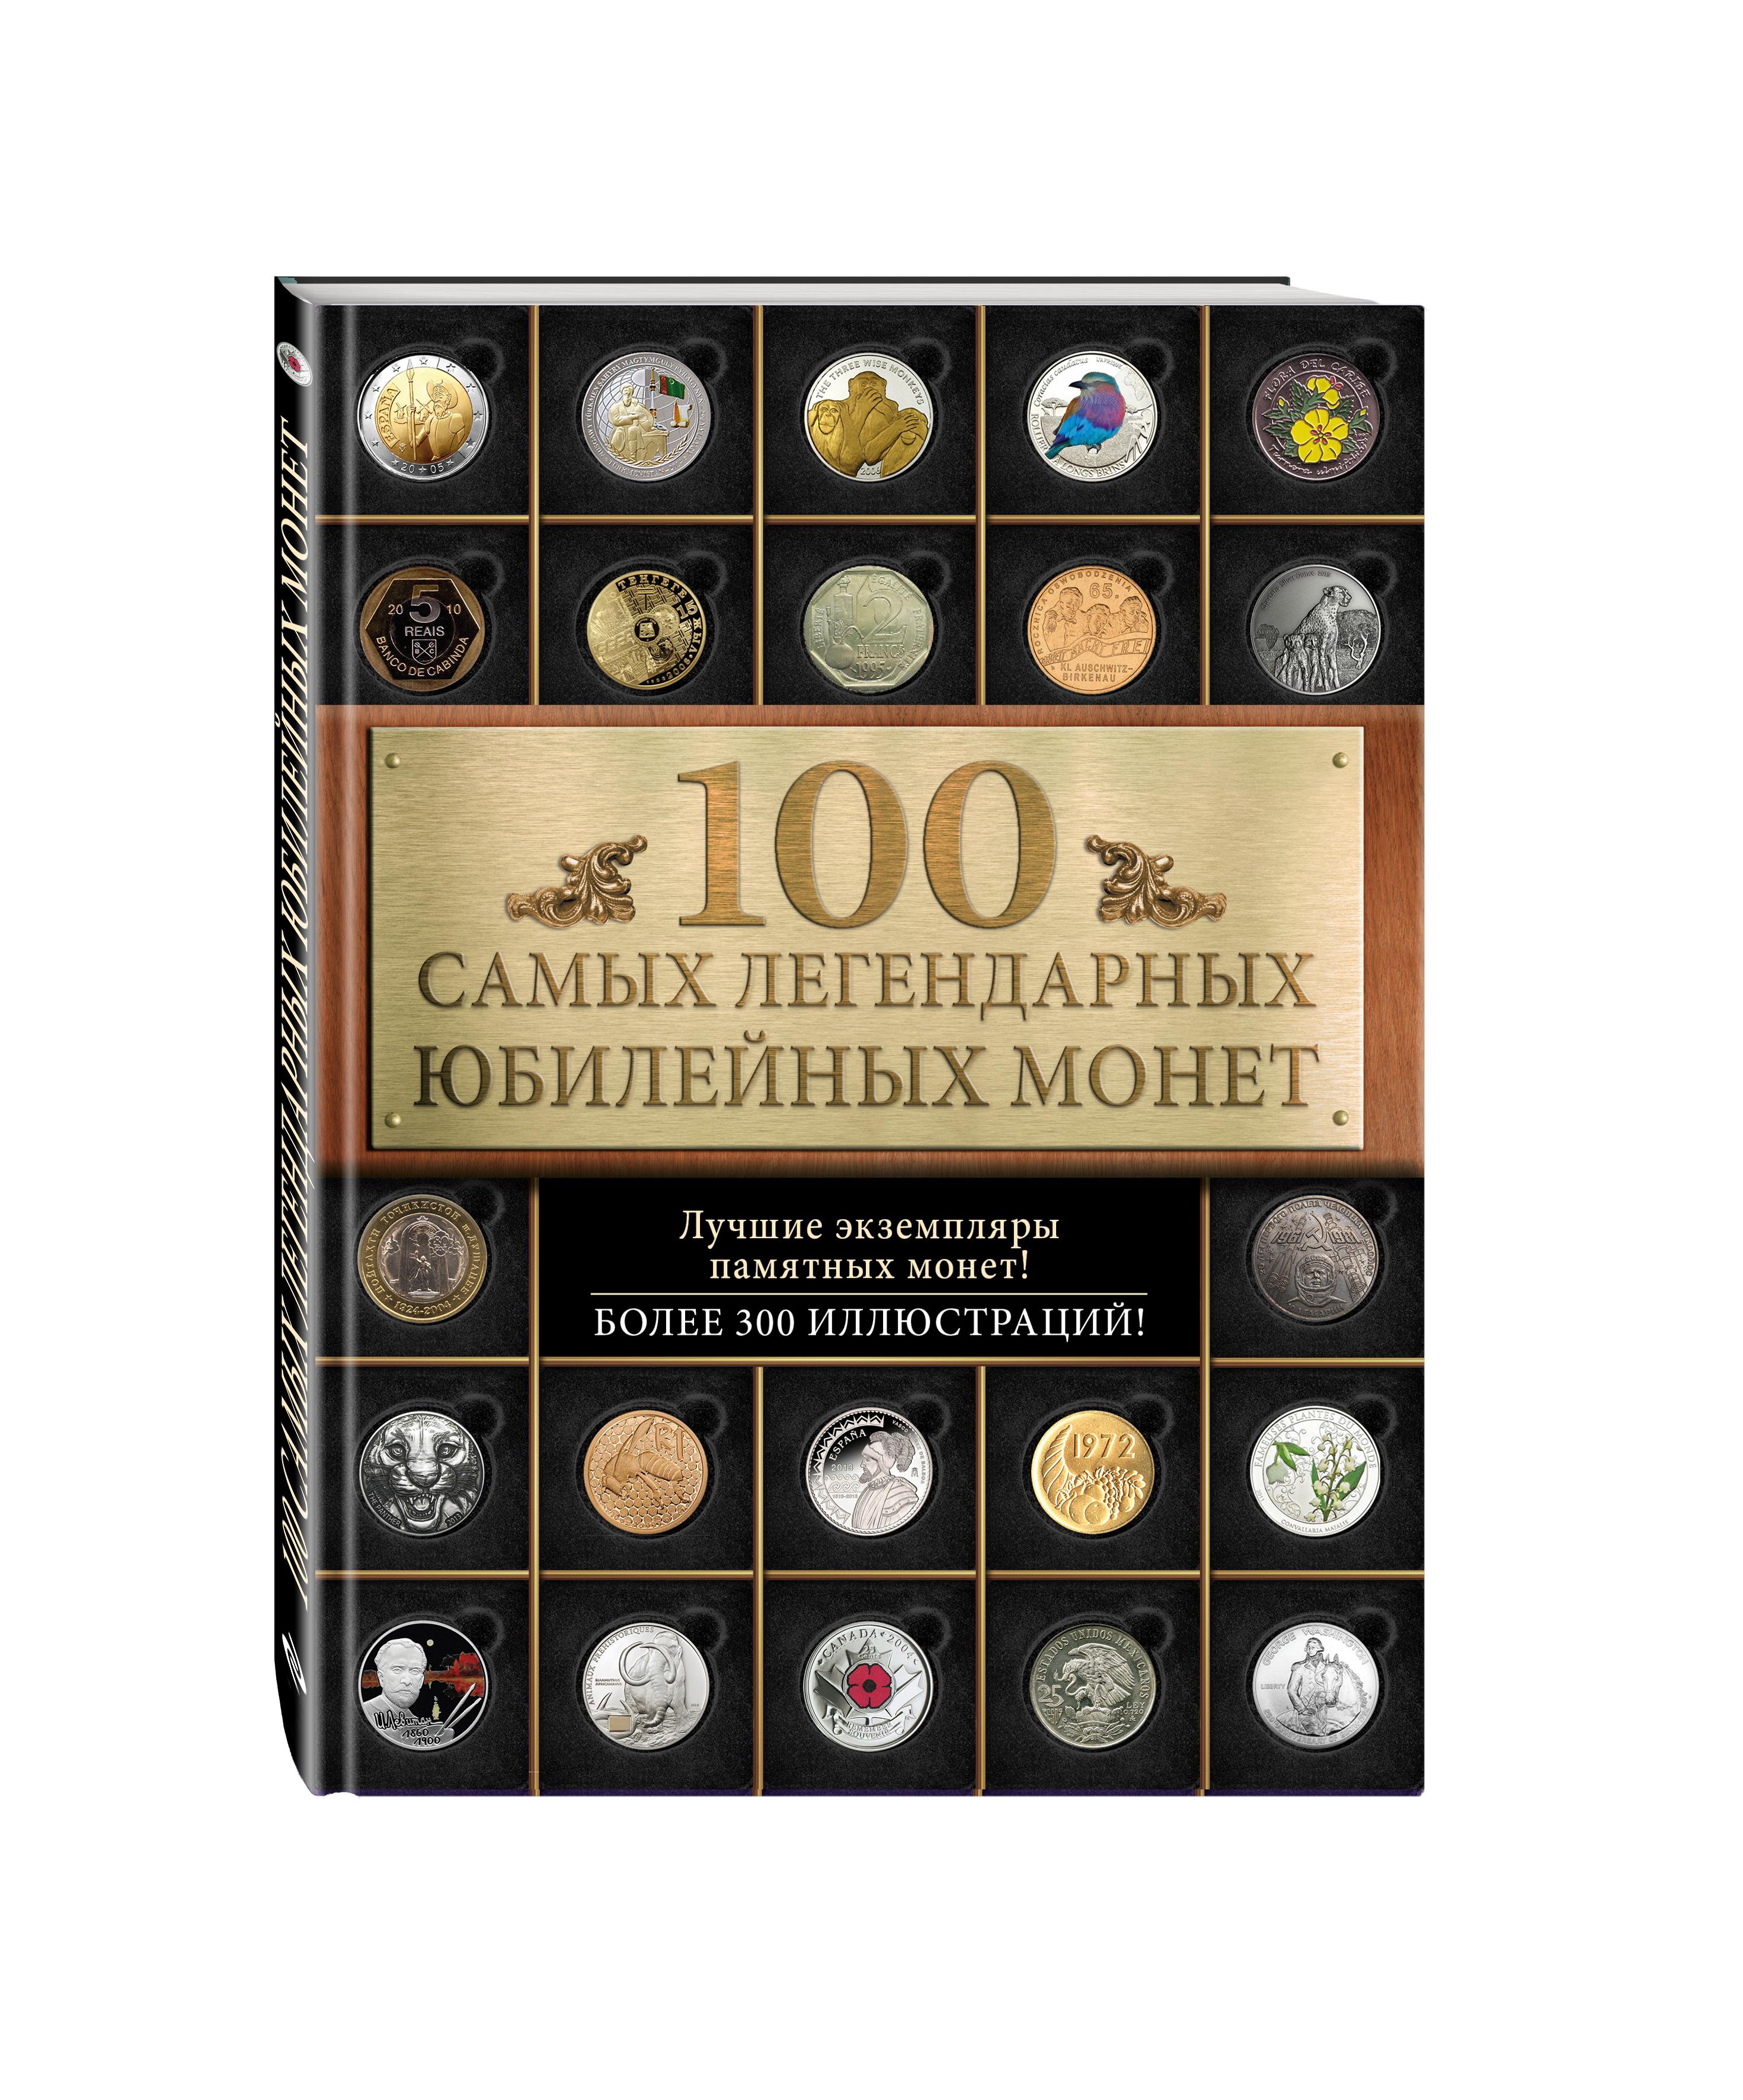 100 самых легендарных юбилейных монет ( Ларин-Подольский И.А.  )